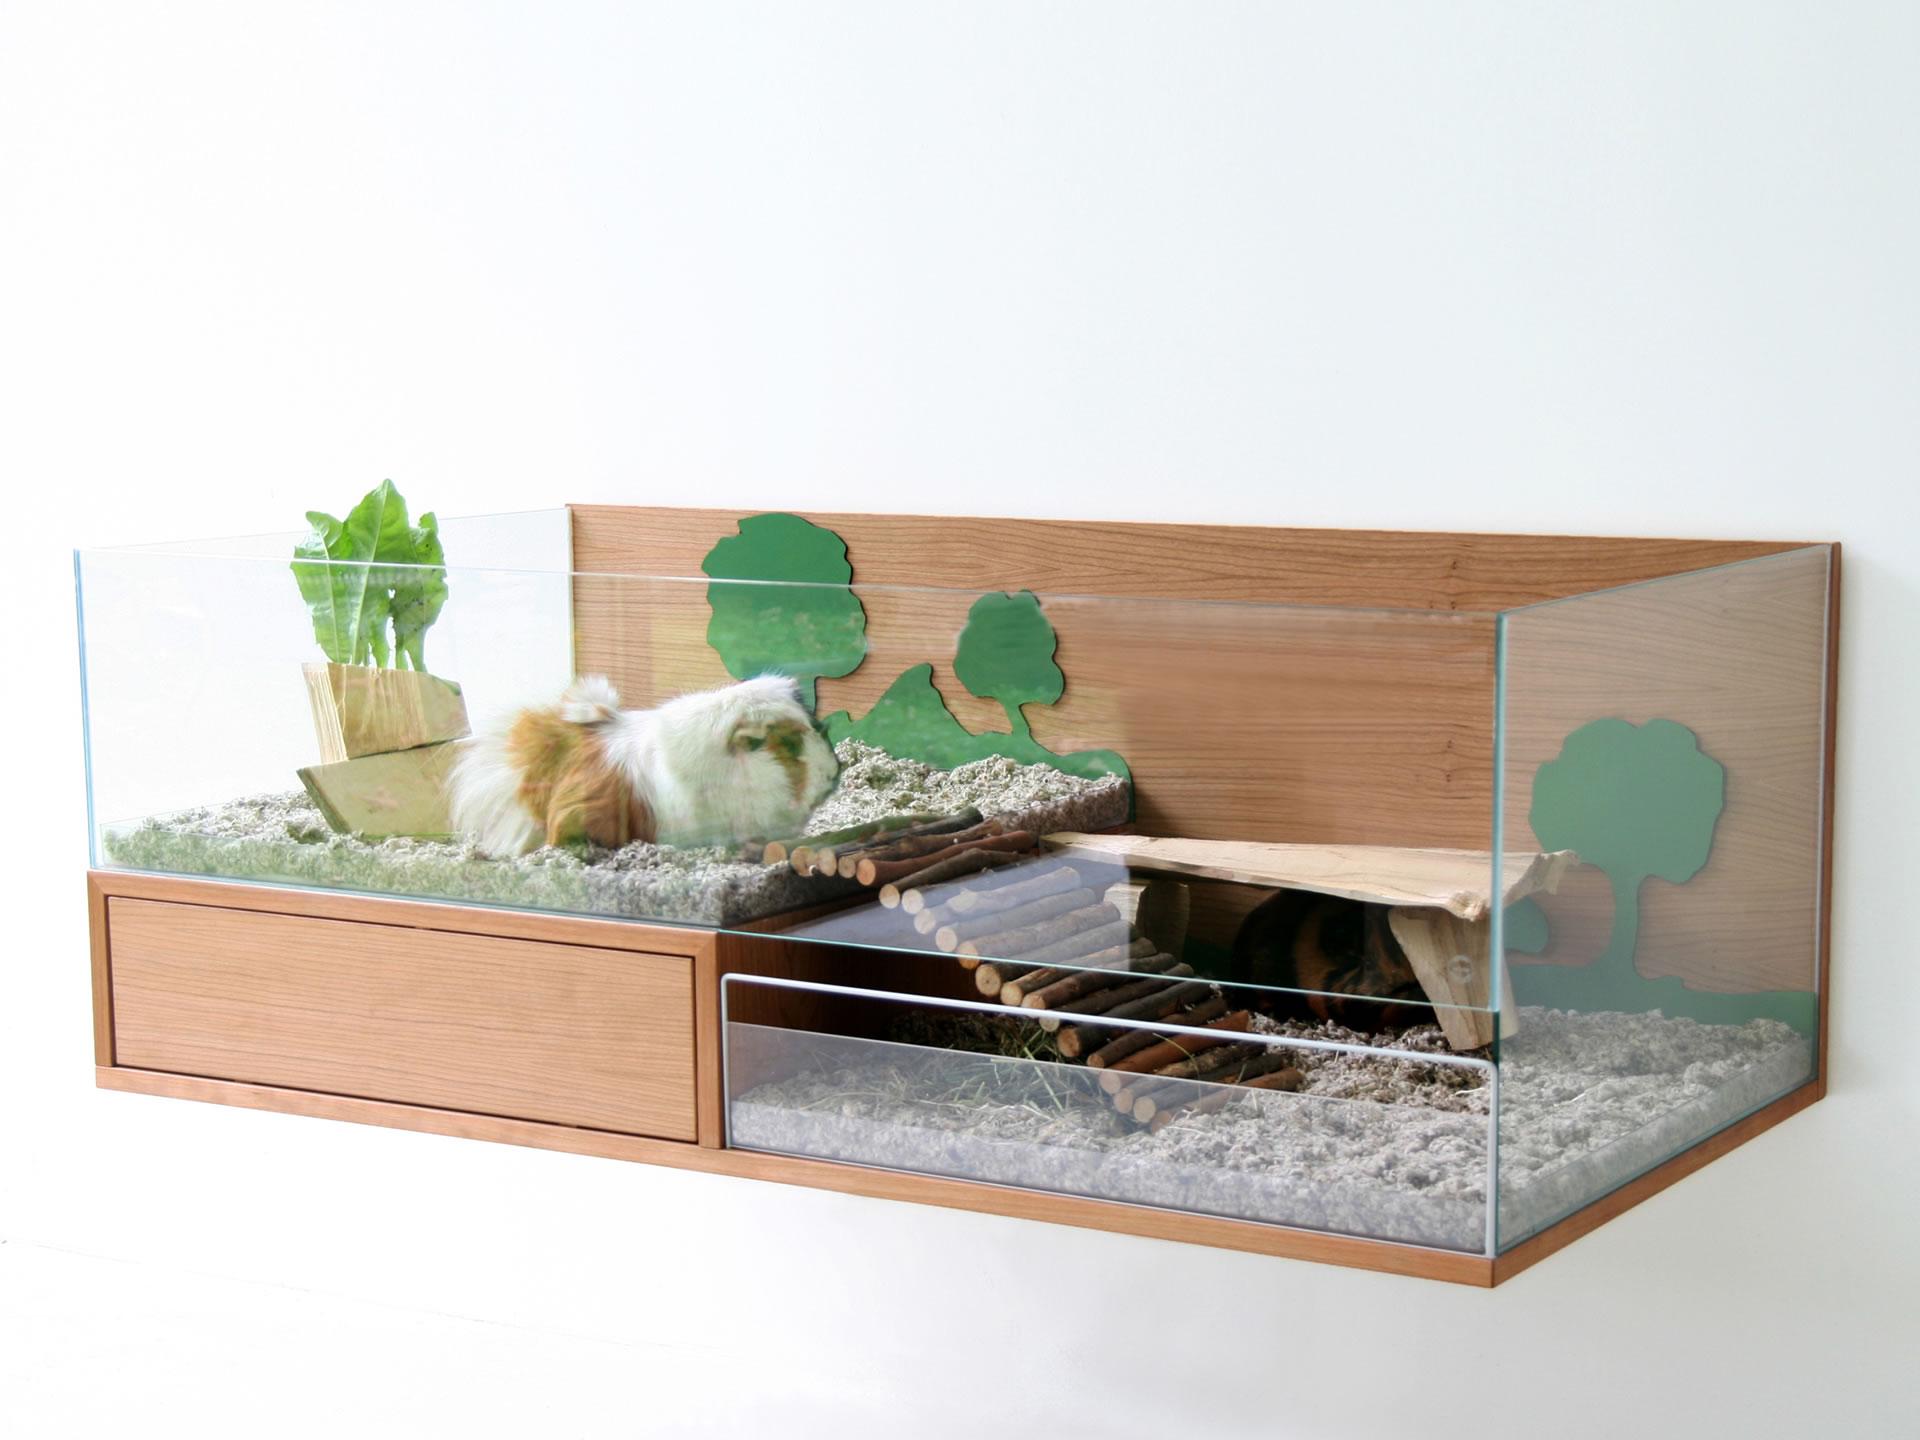 Ideas para jaula (sean super creativos!! espacio y presupuesto ilimitado) Meerschweinchen_penthouse